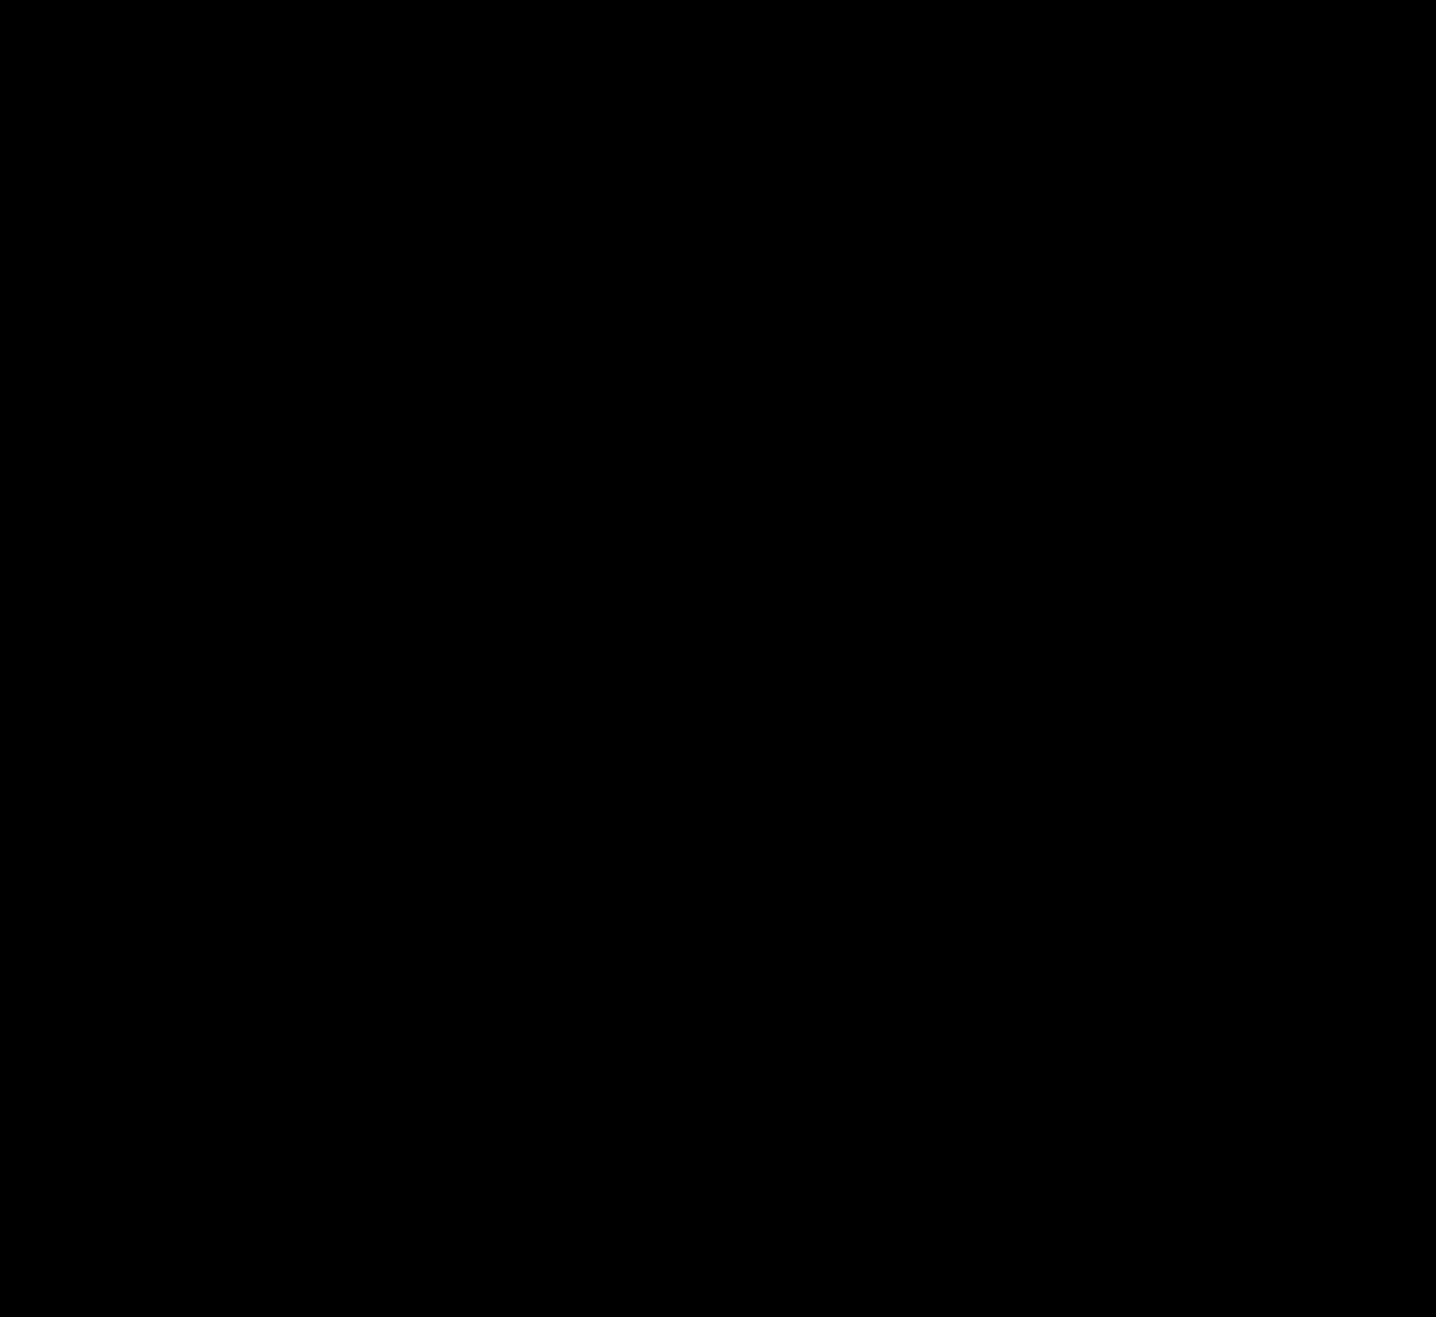 Big Bang Logo (band) png